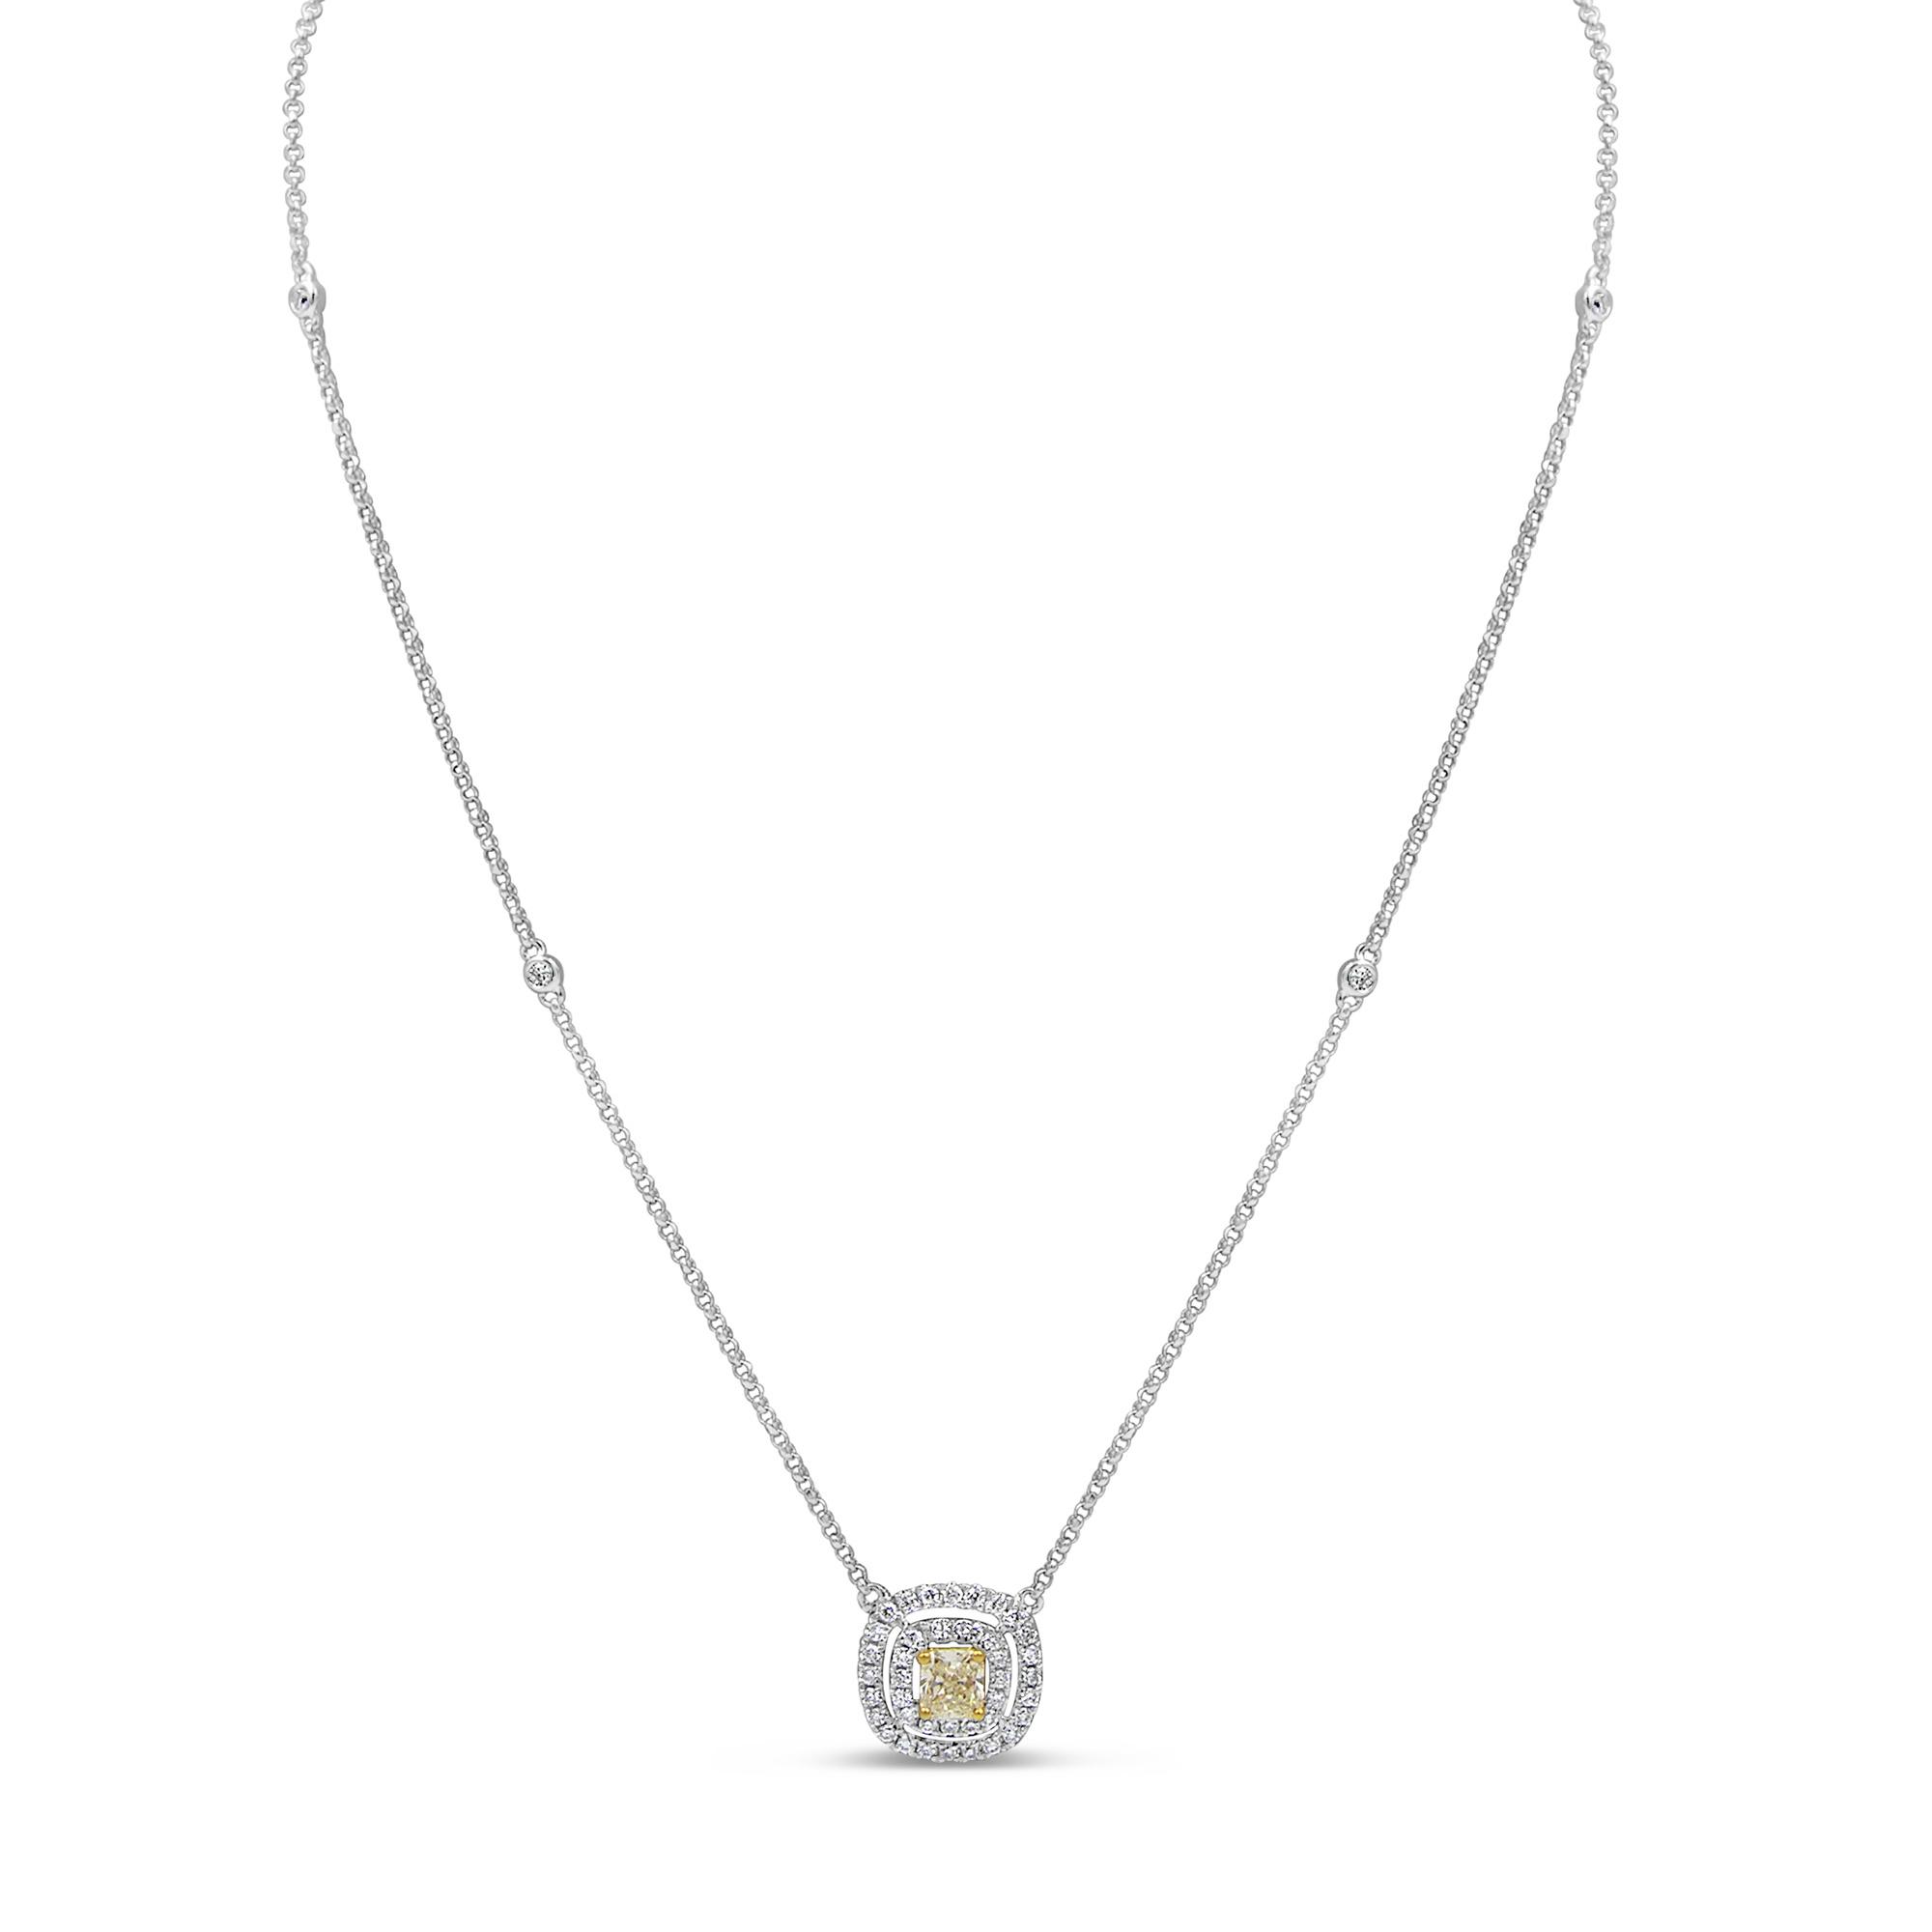 18 karaat wit goud ketting met 0.67 ct diamanten hanger